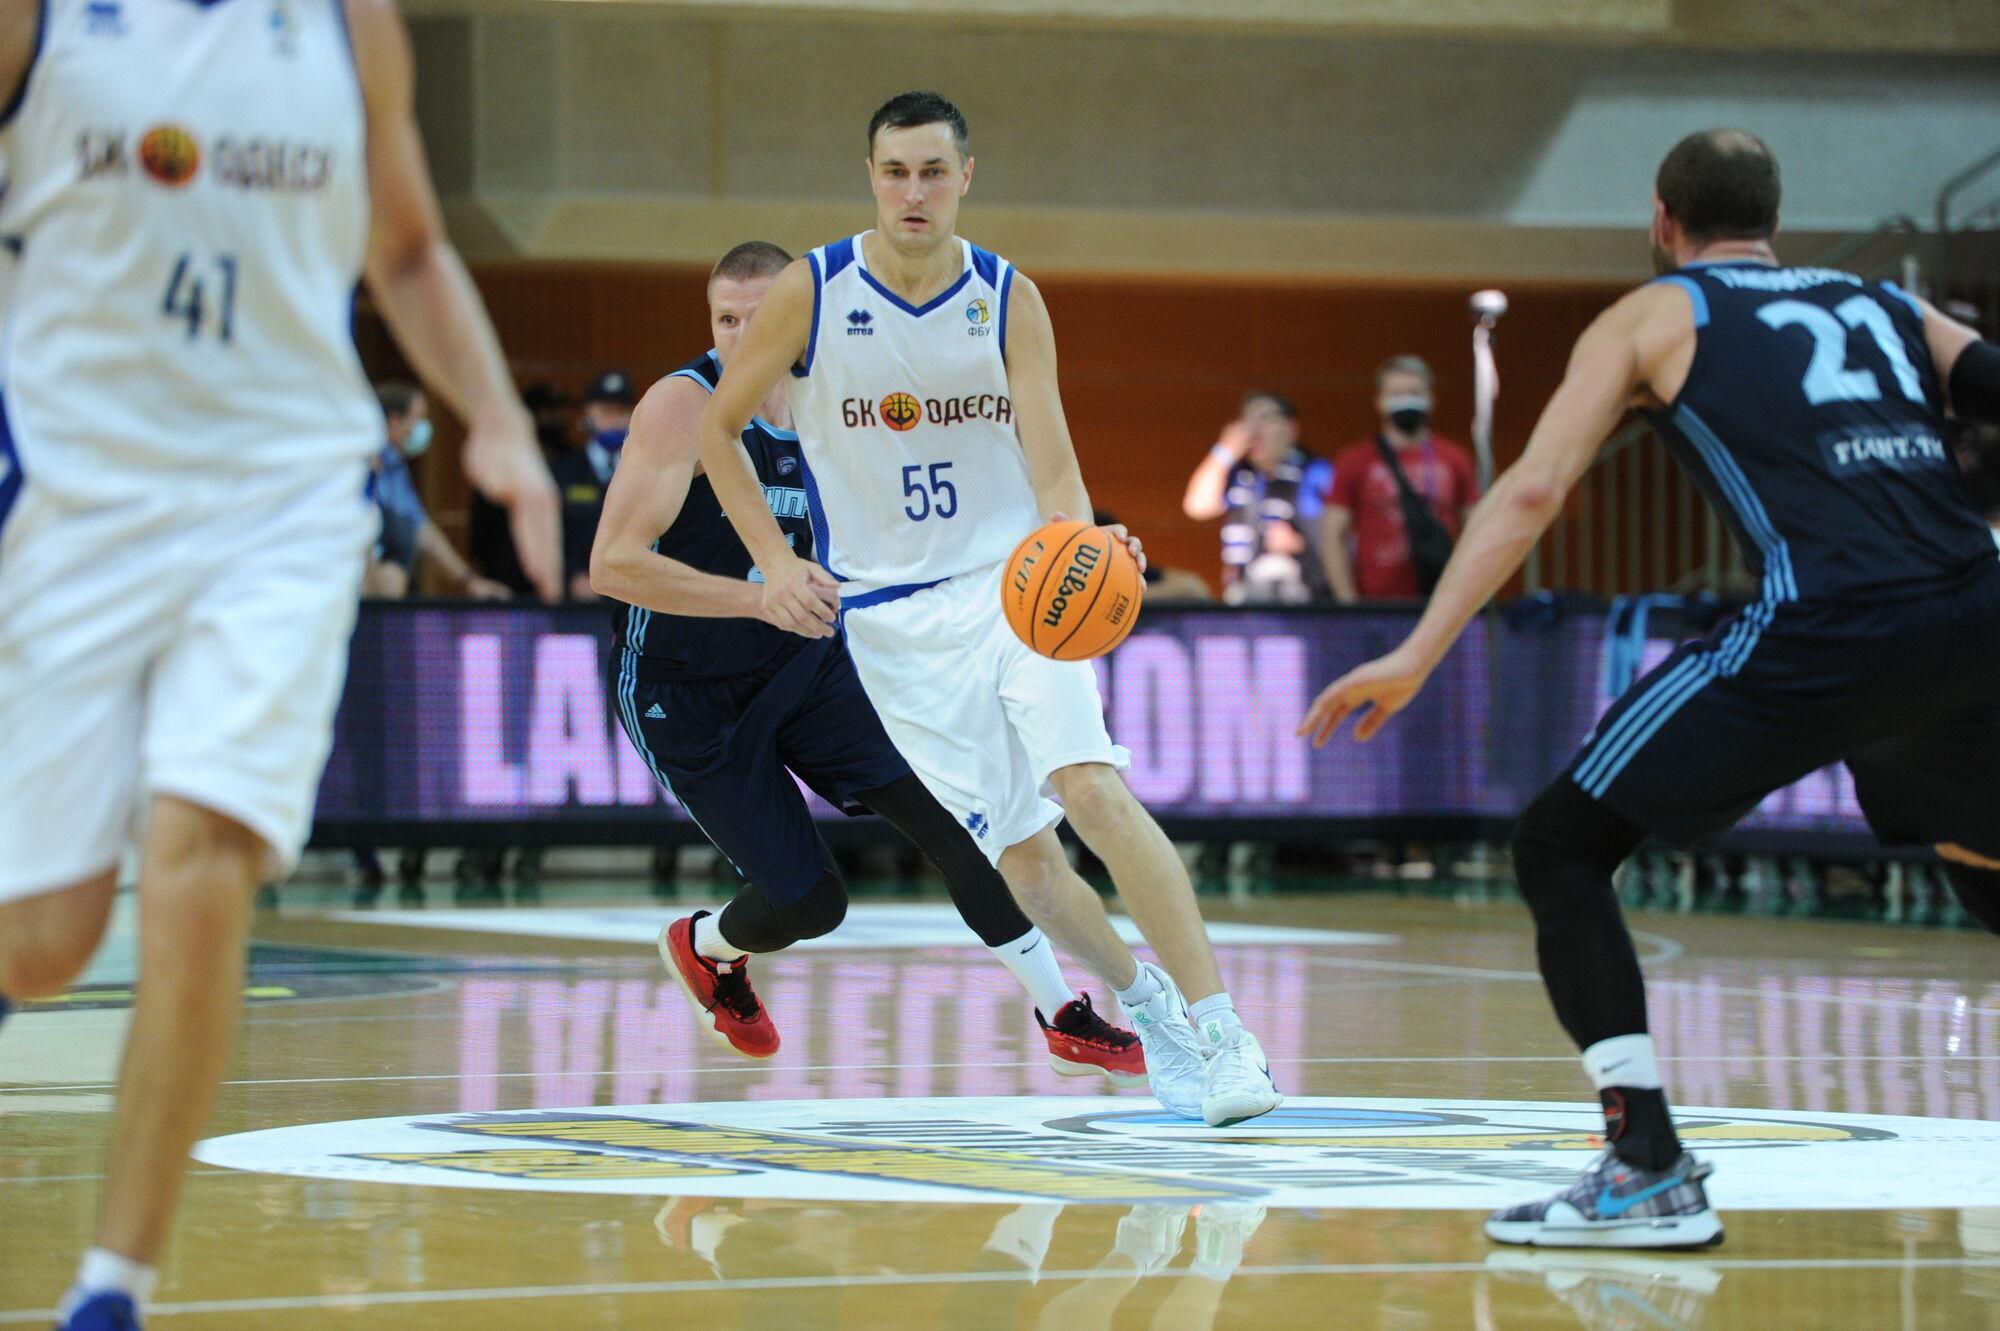 Определились финалисты Кубка Украины по баскетболу